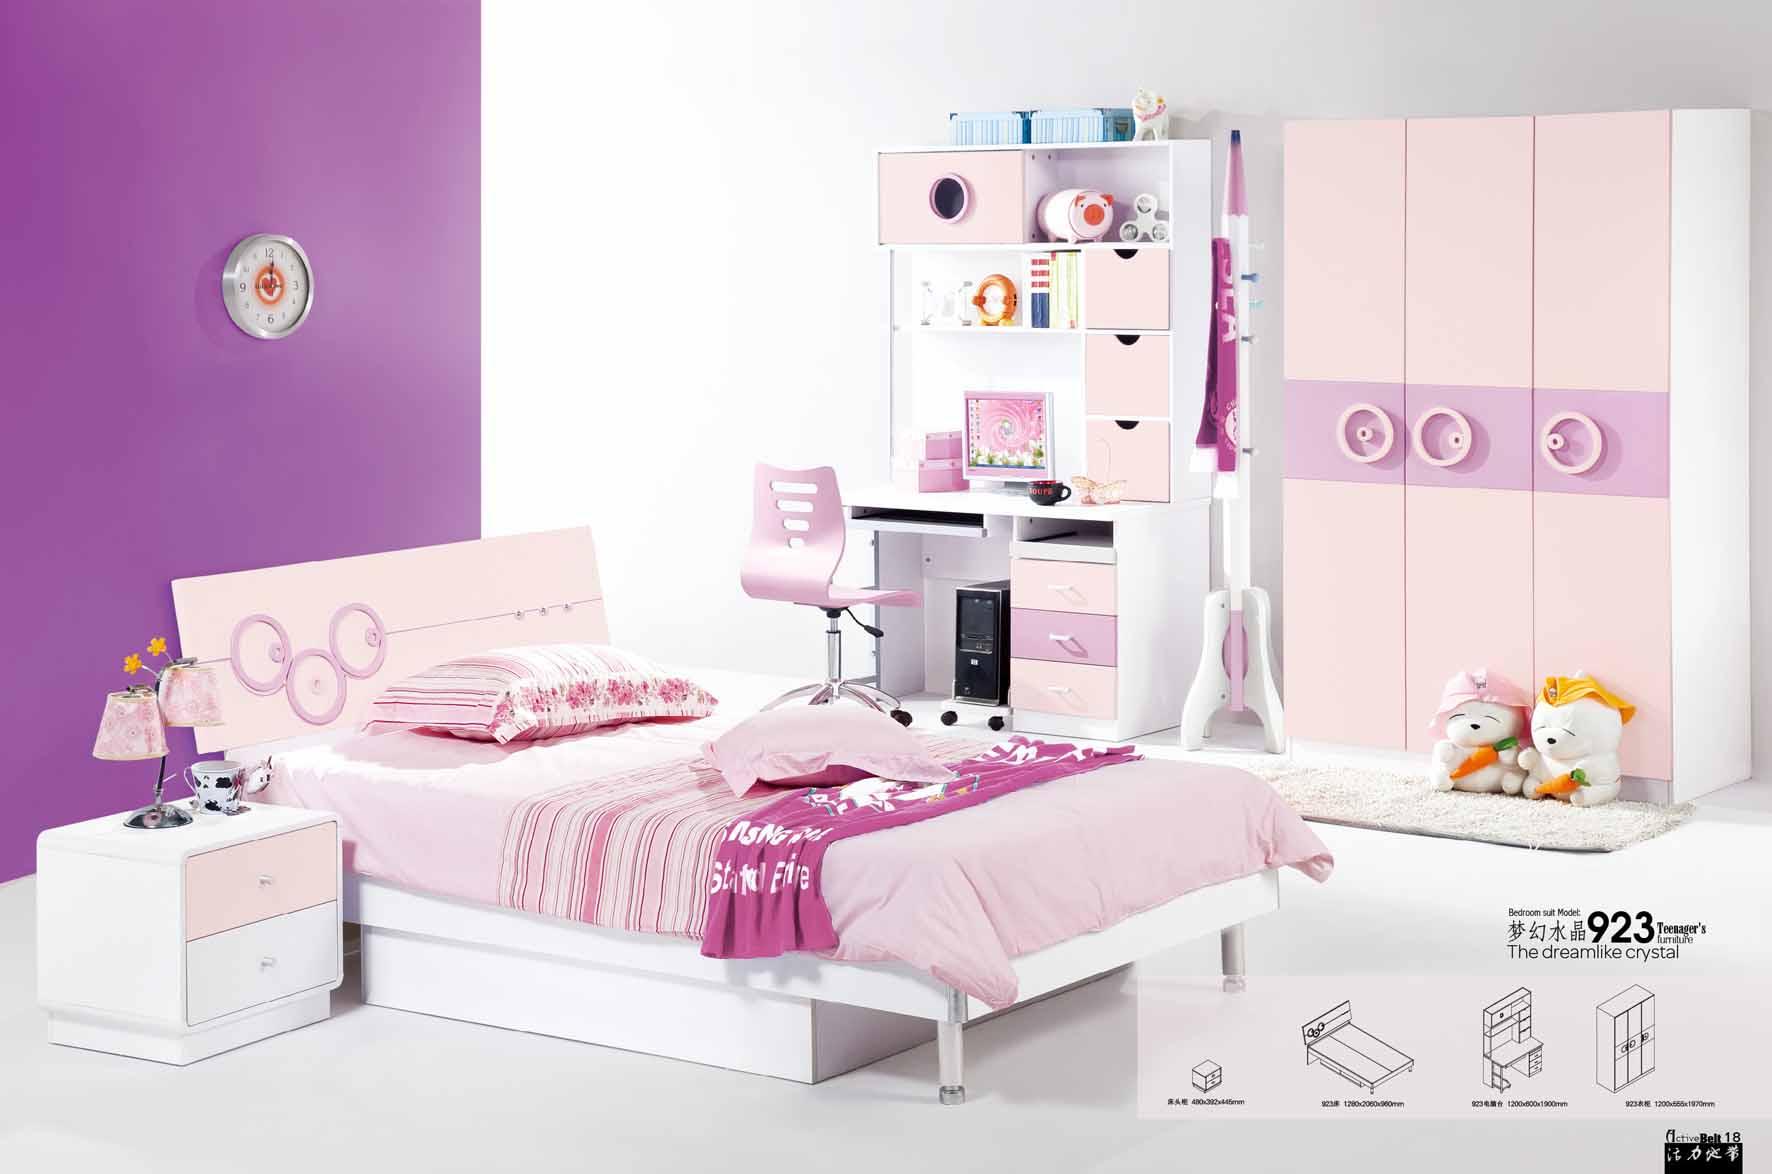 بالصور غرف نوم اطفال بنات , صور اجمل الغرف للبنات الصغيره تحفه 464 5